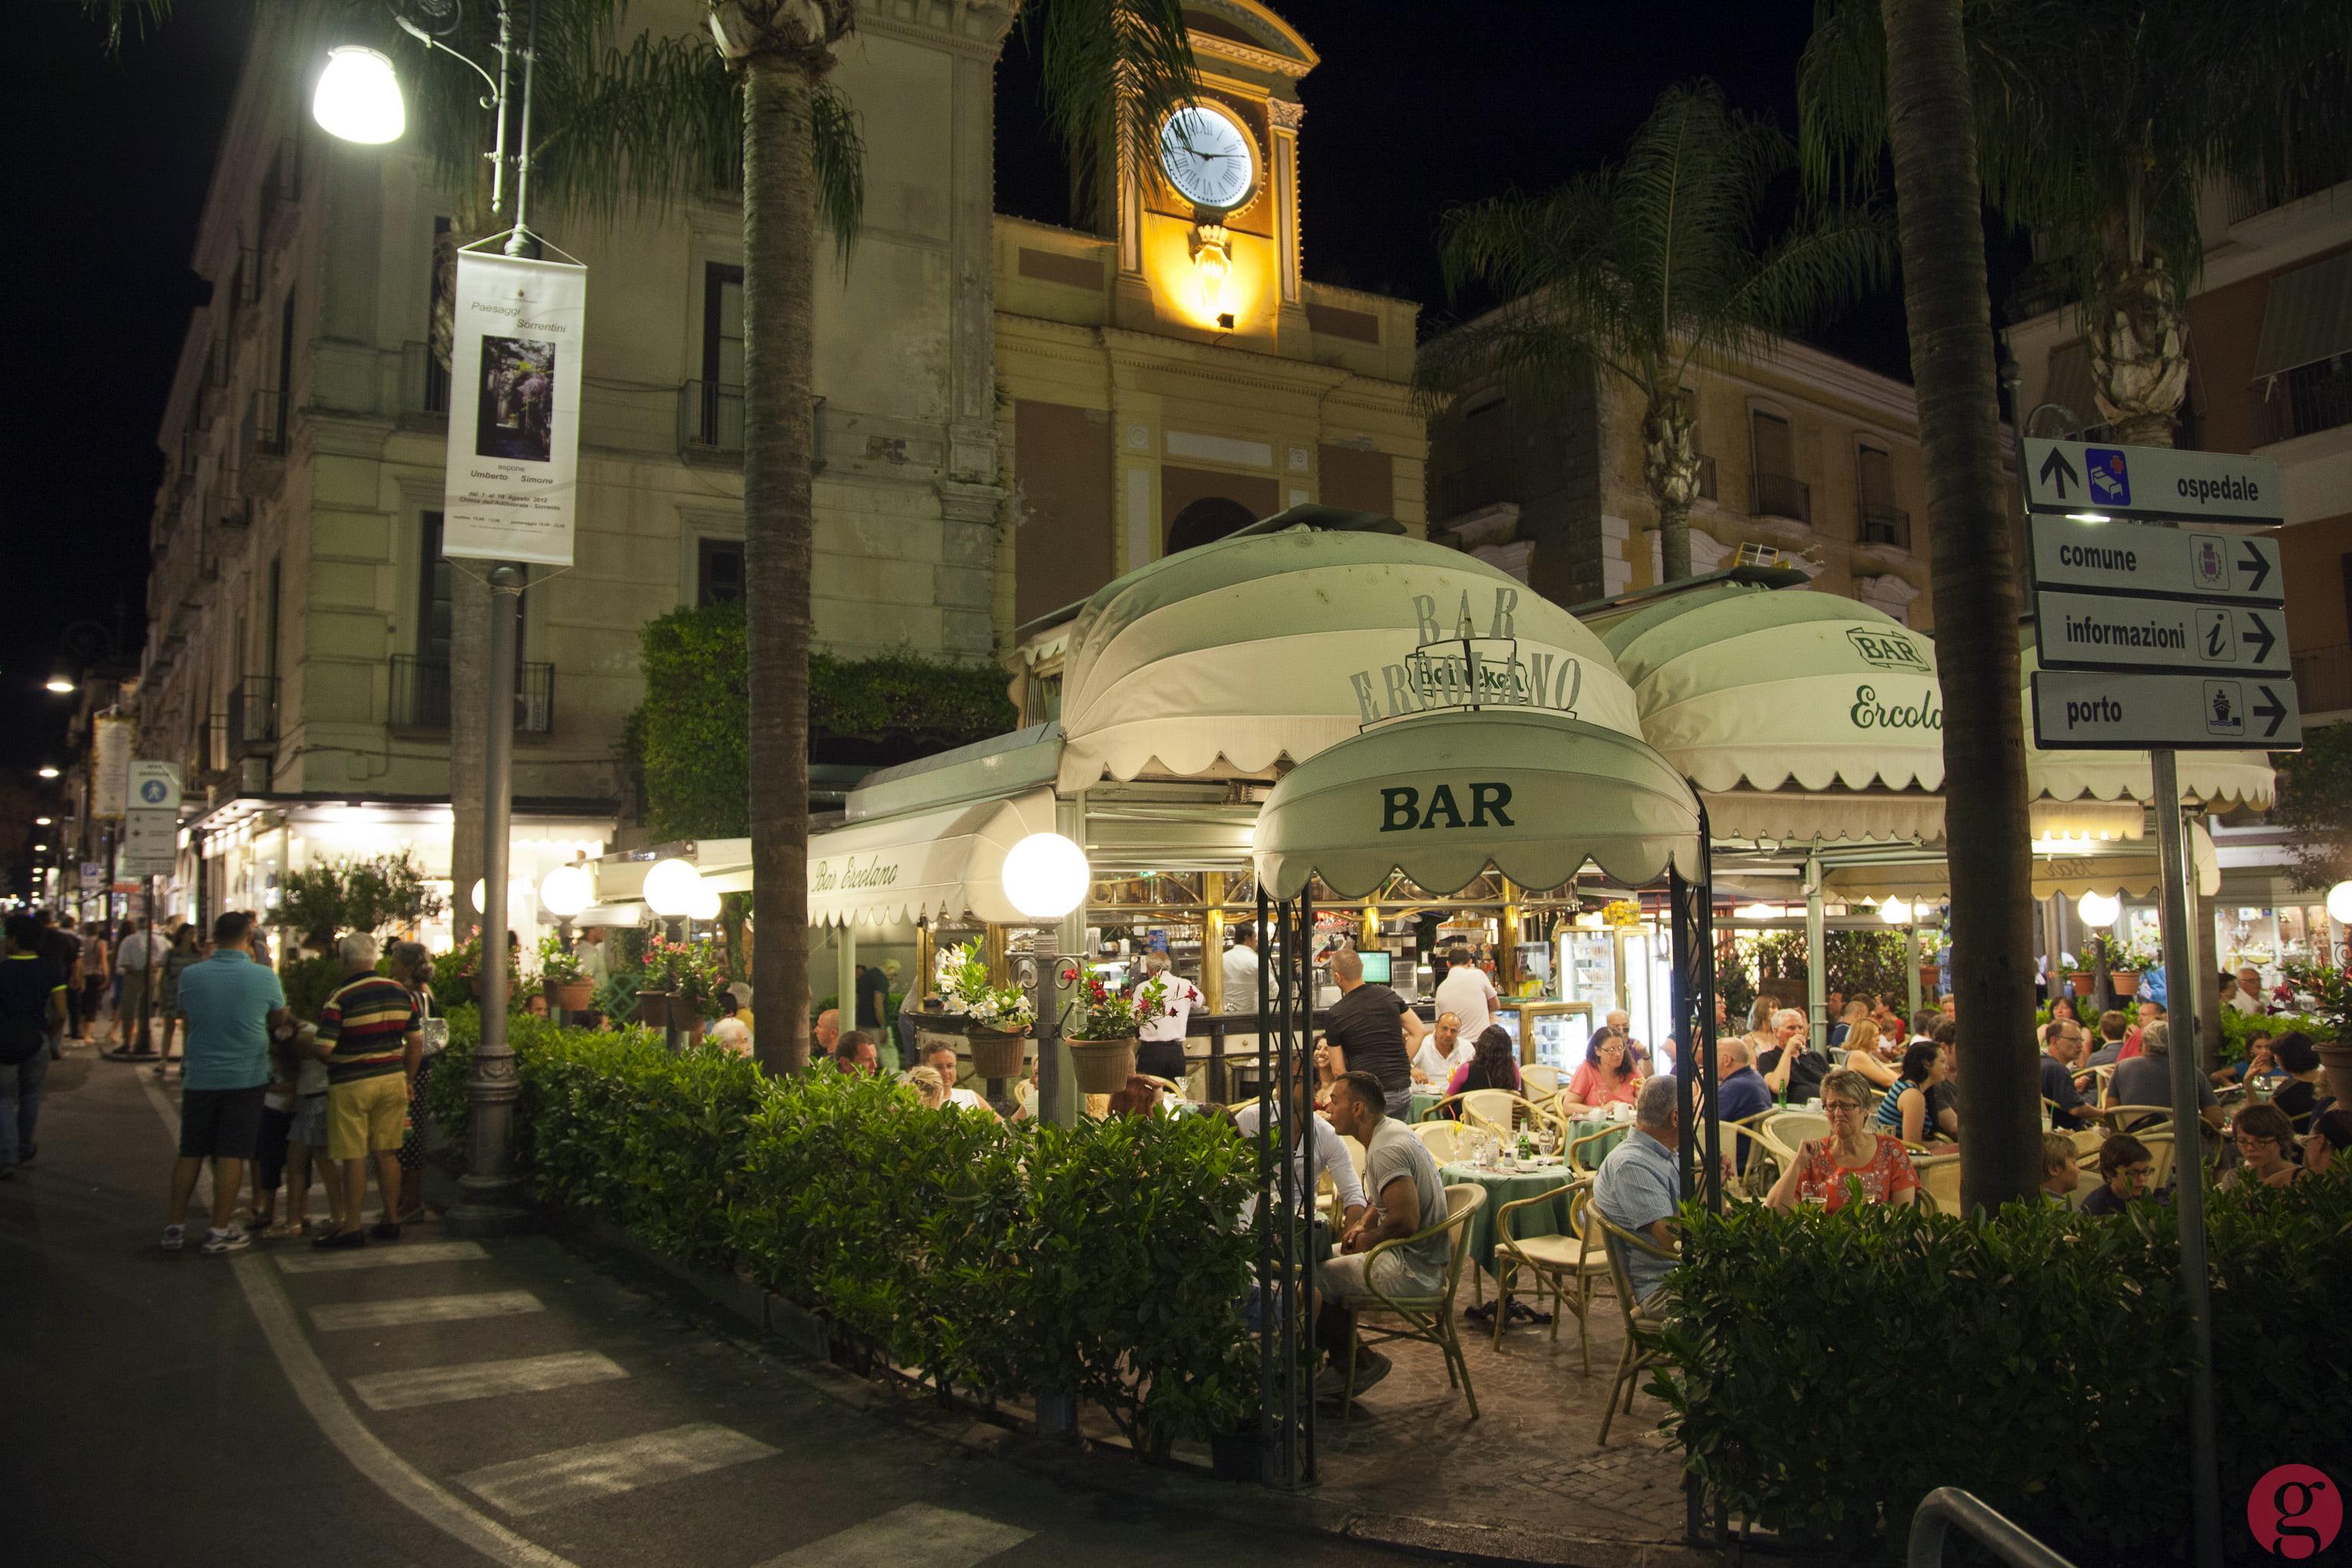 Bar Ercolano